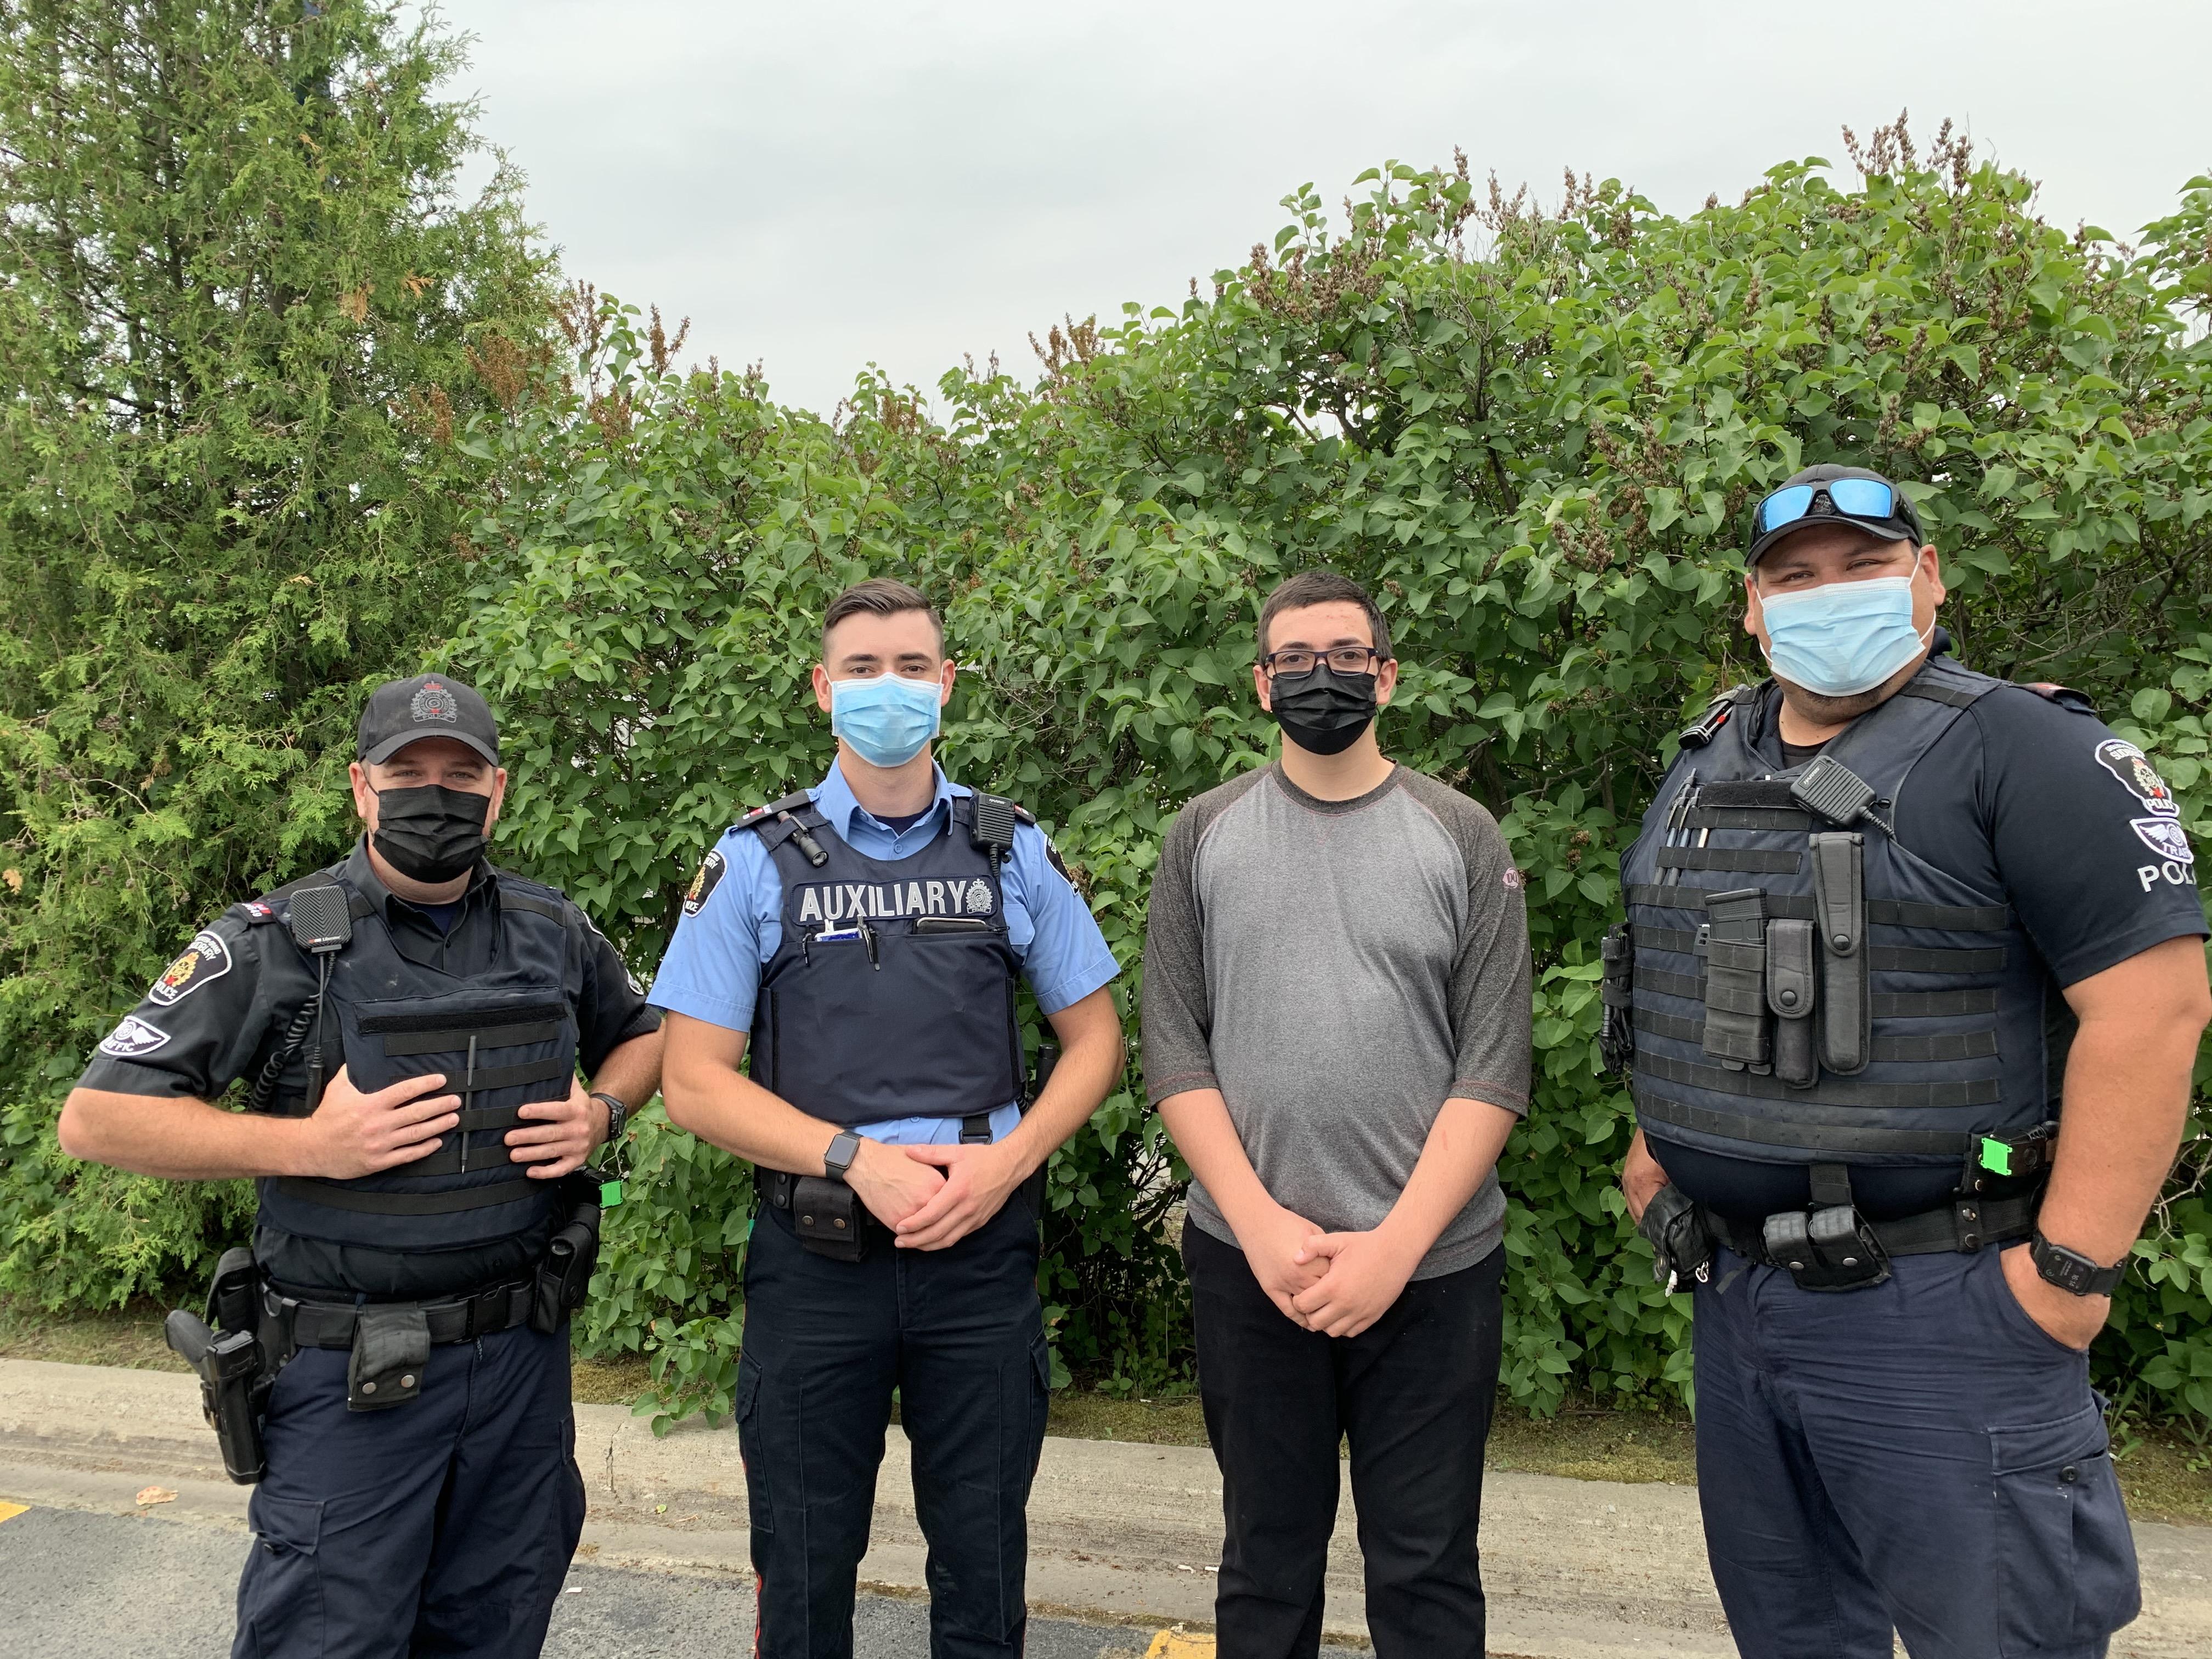 Four men standing wearing masks